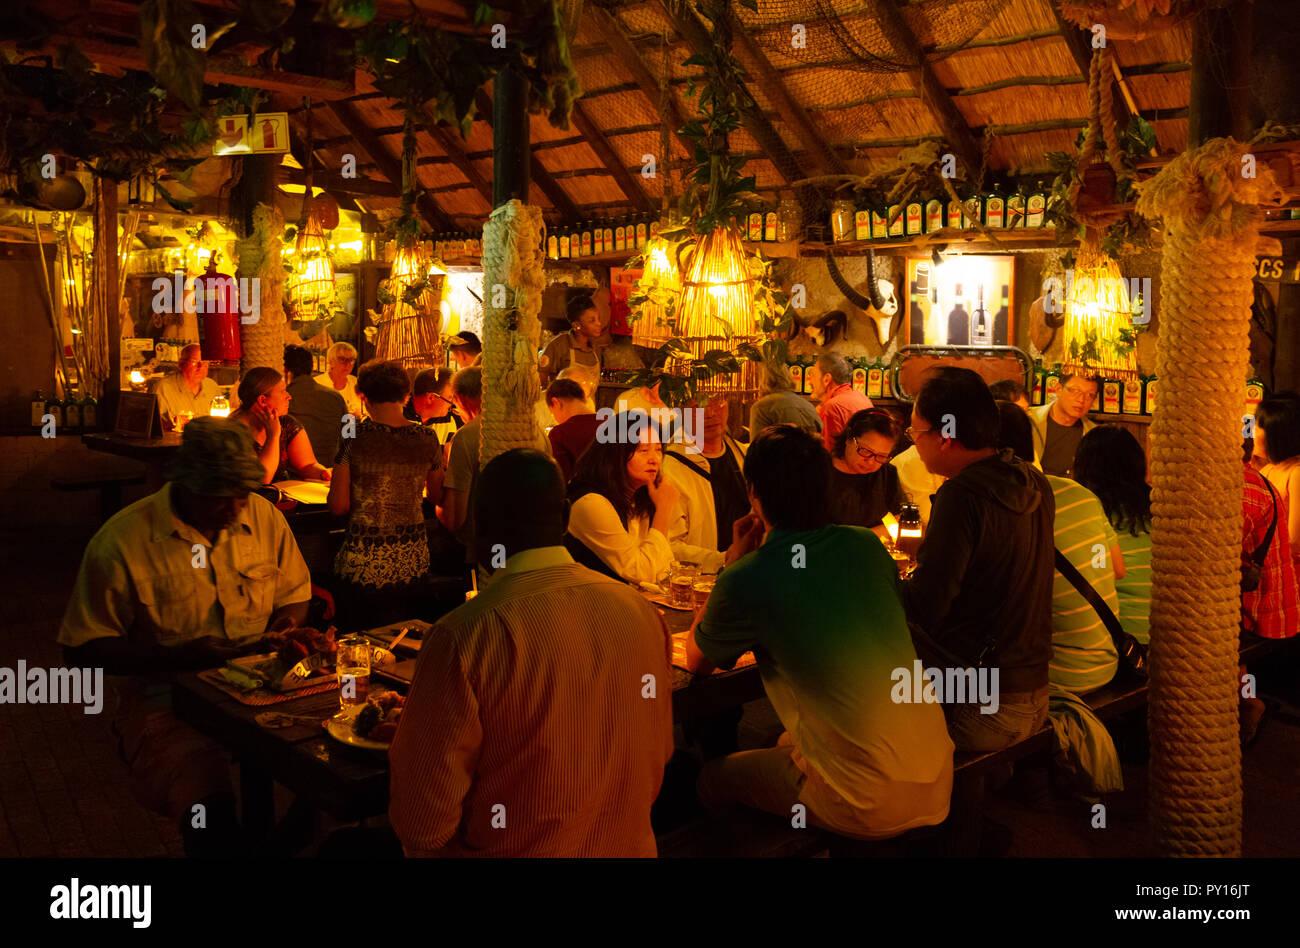 People eating in Joe's Beerhouse, a popular restaurant in Windhoek, Namibia Africa - Stock Image